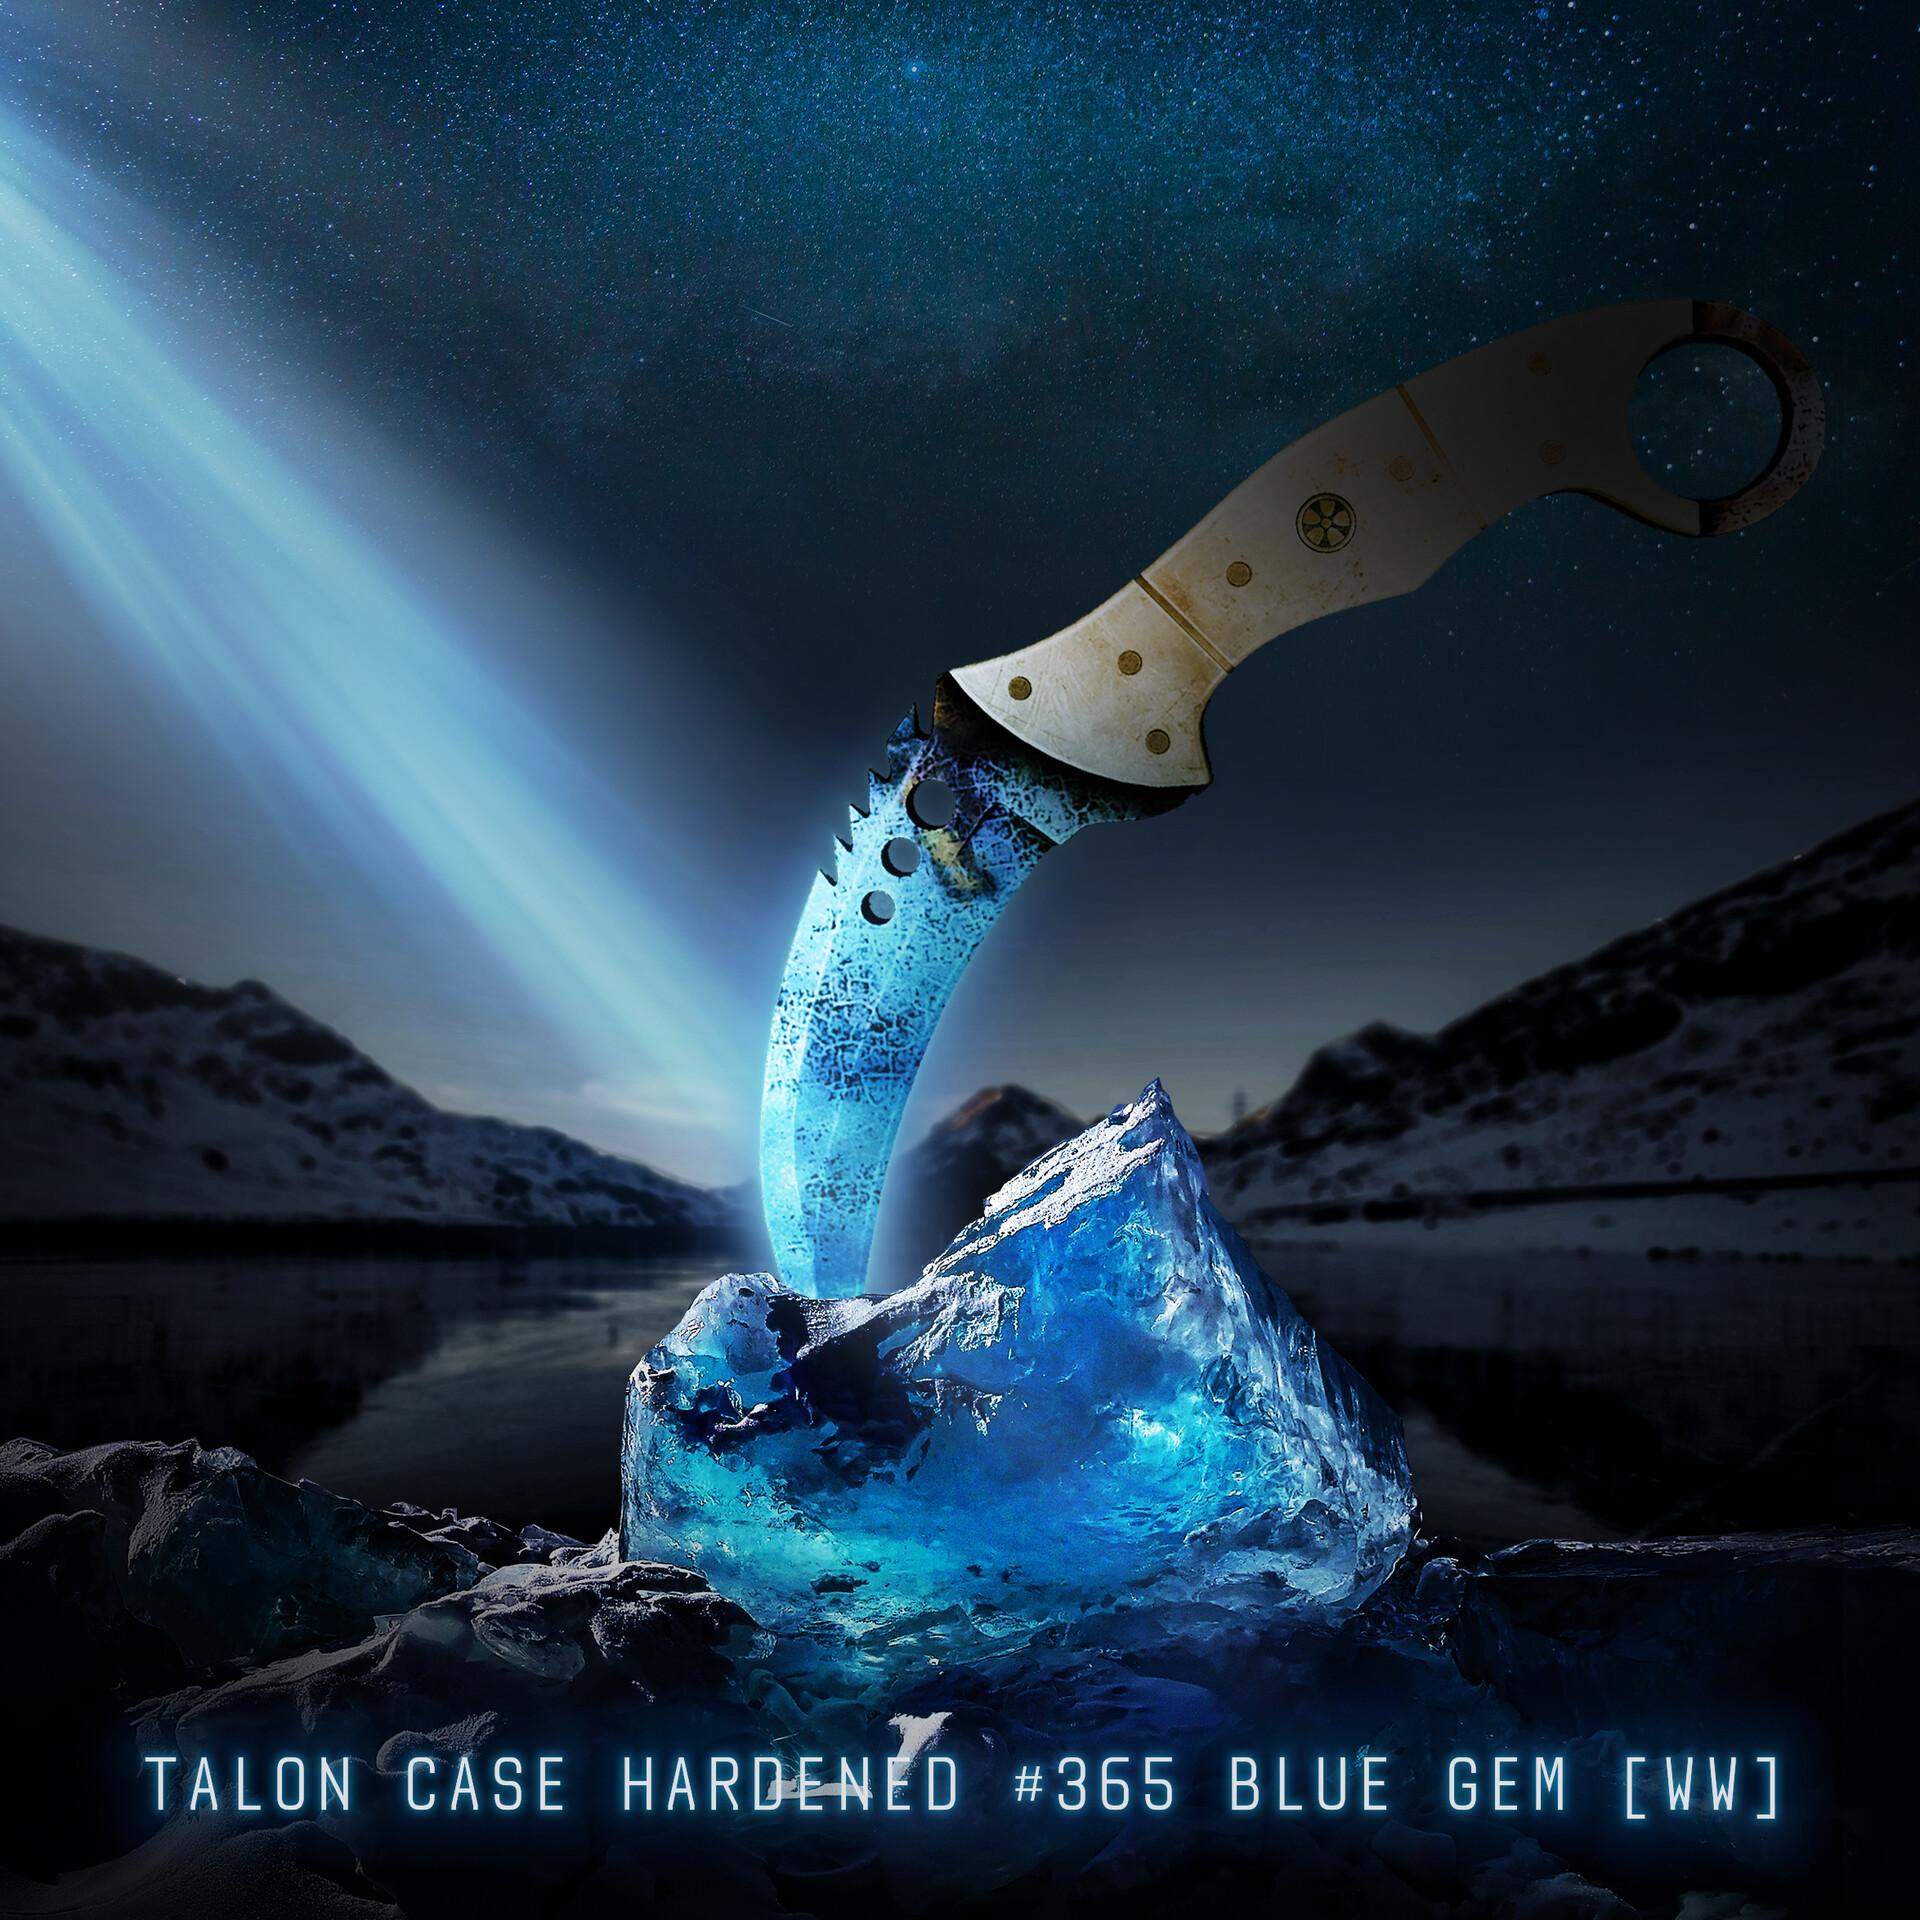 Csgo blue gem huntsman